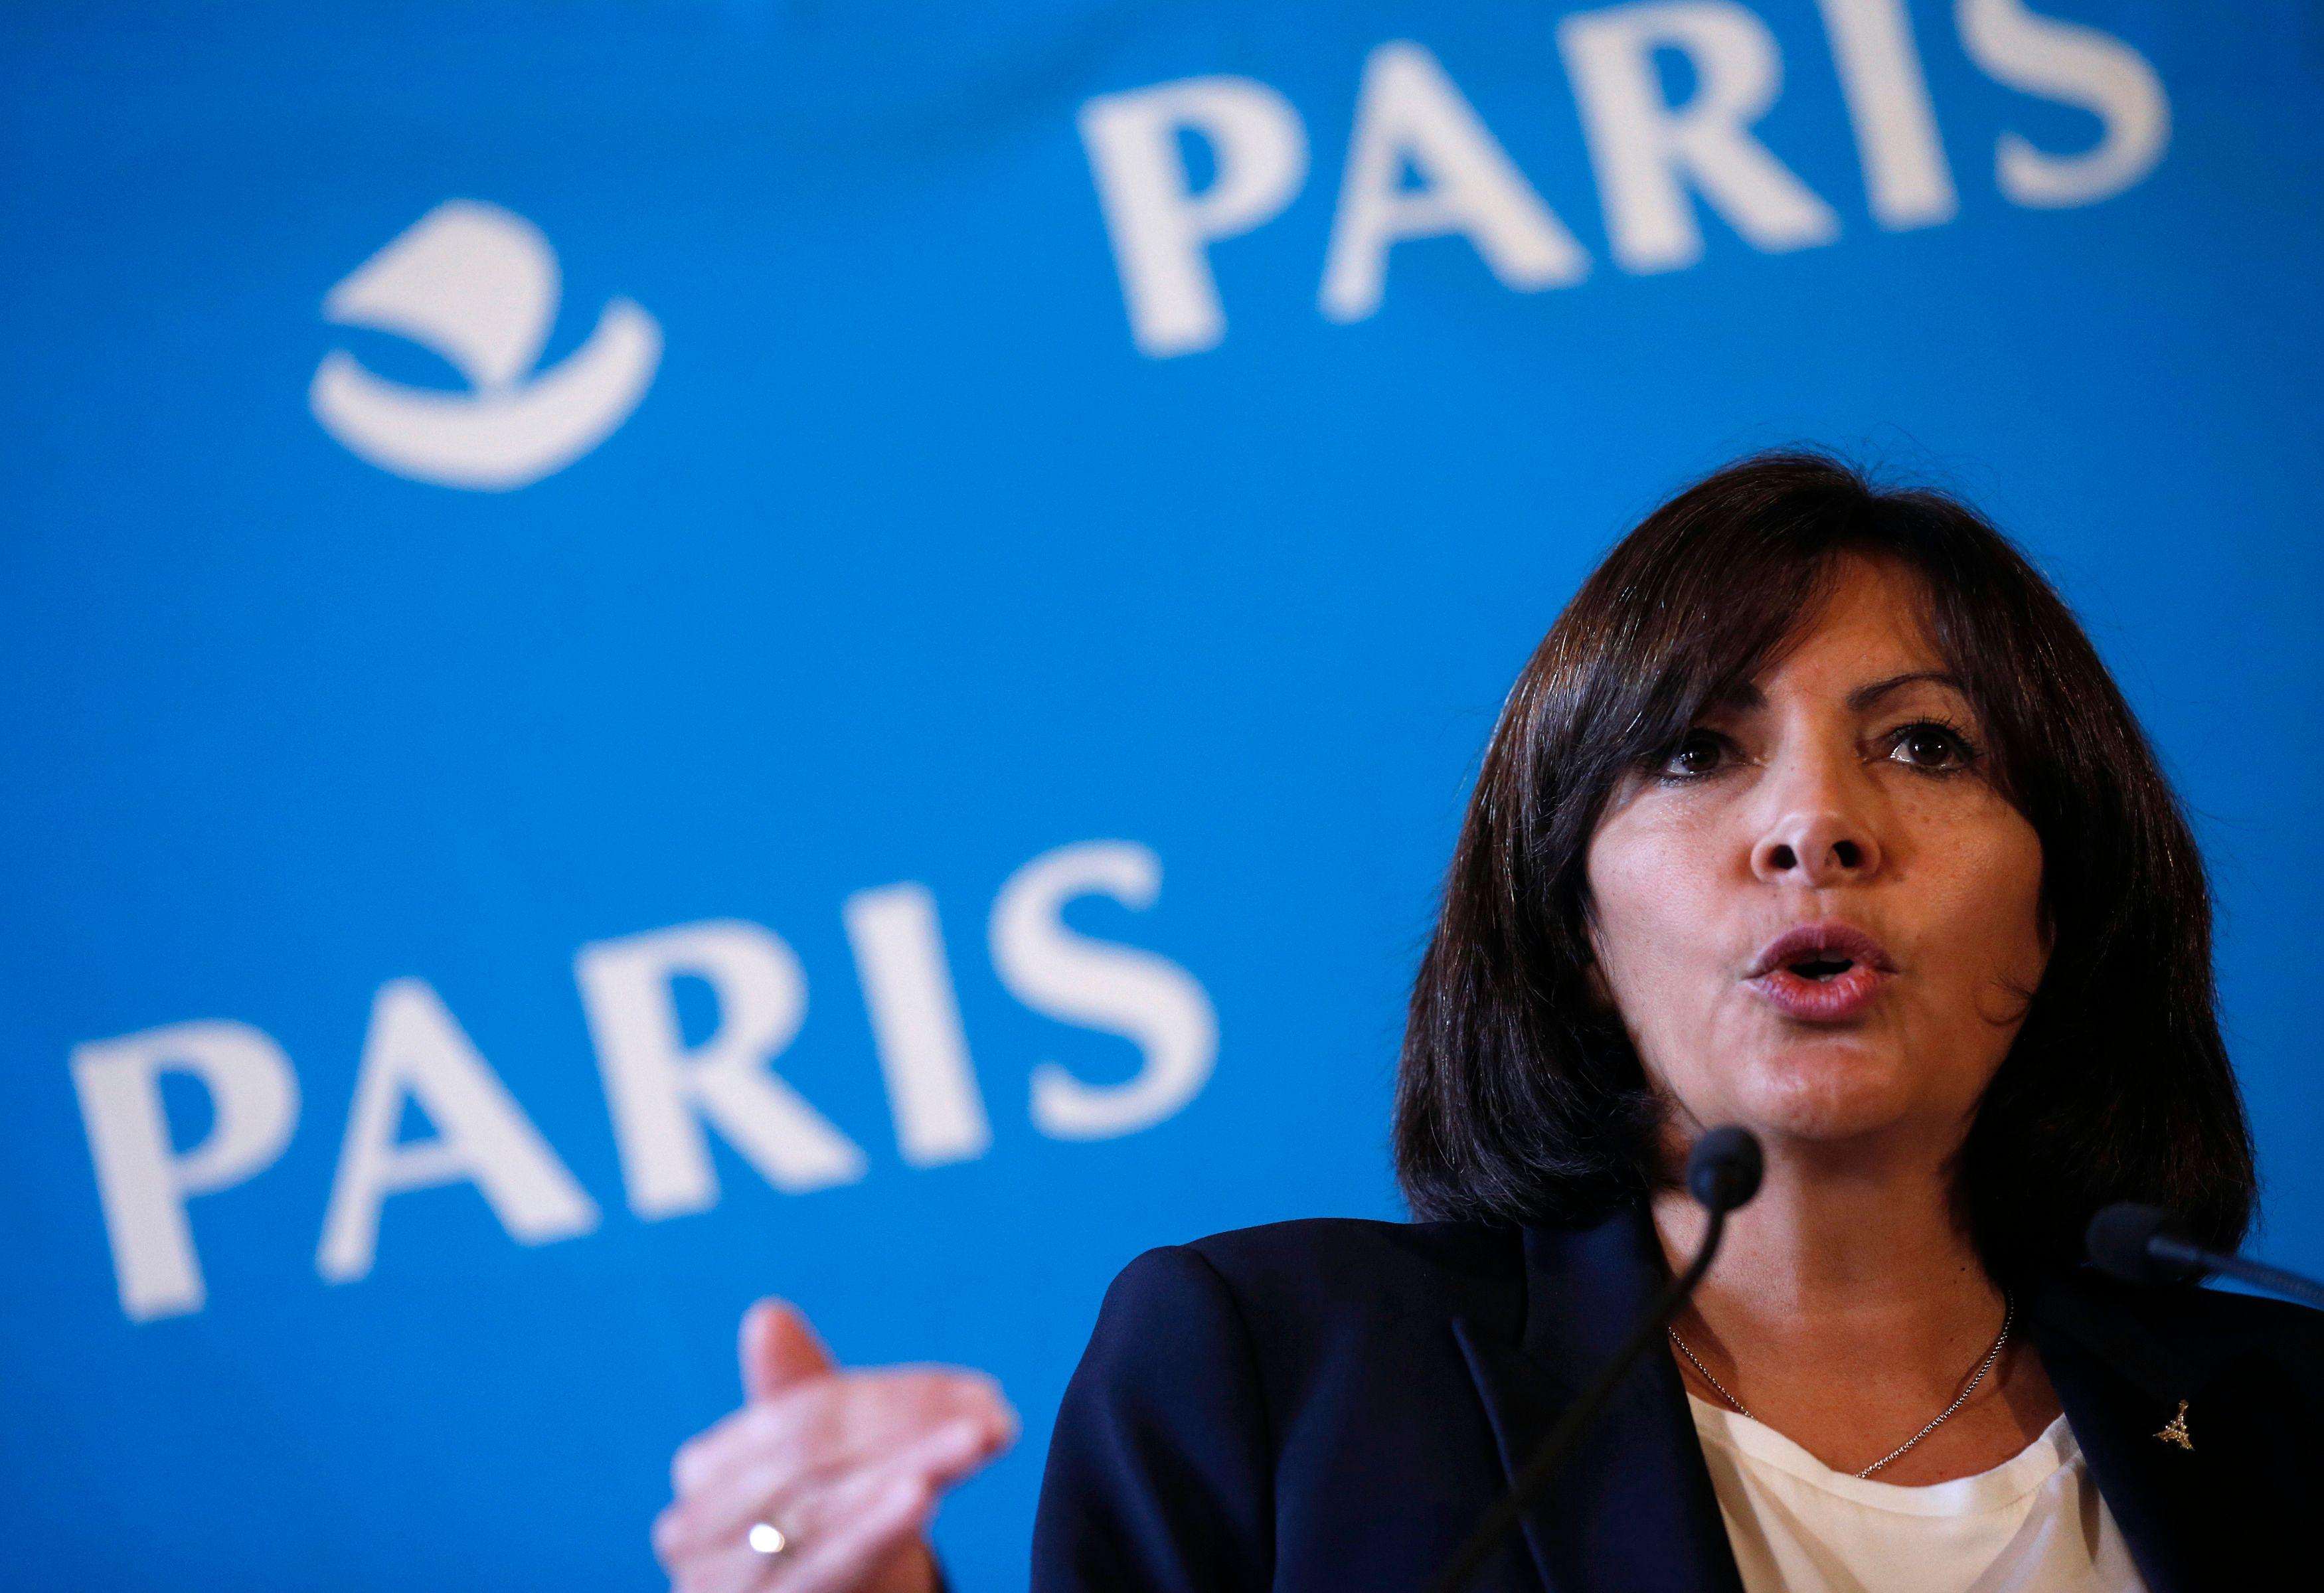 Crise des migrants : Anne Hidalgo annonce la création d'un camp de réfugiés au nord de Paris